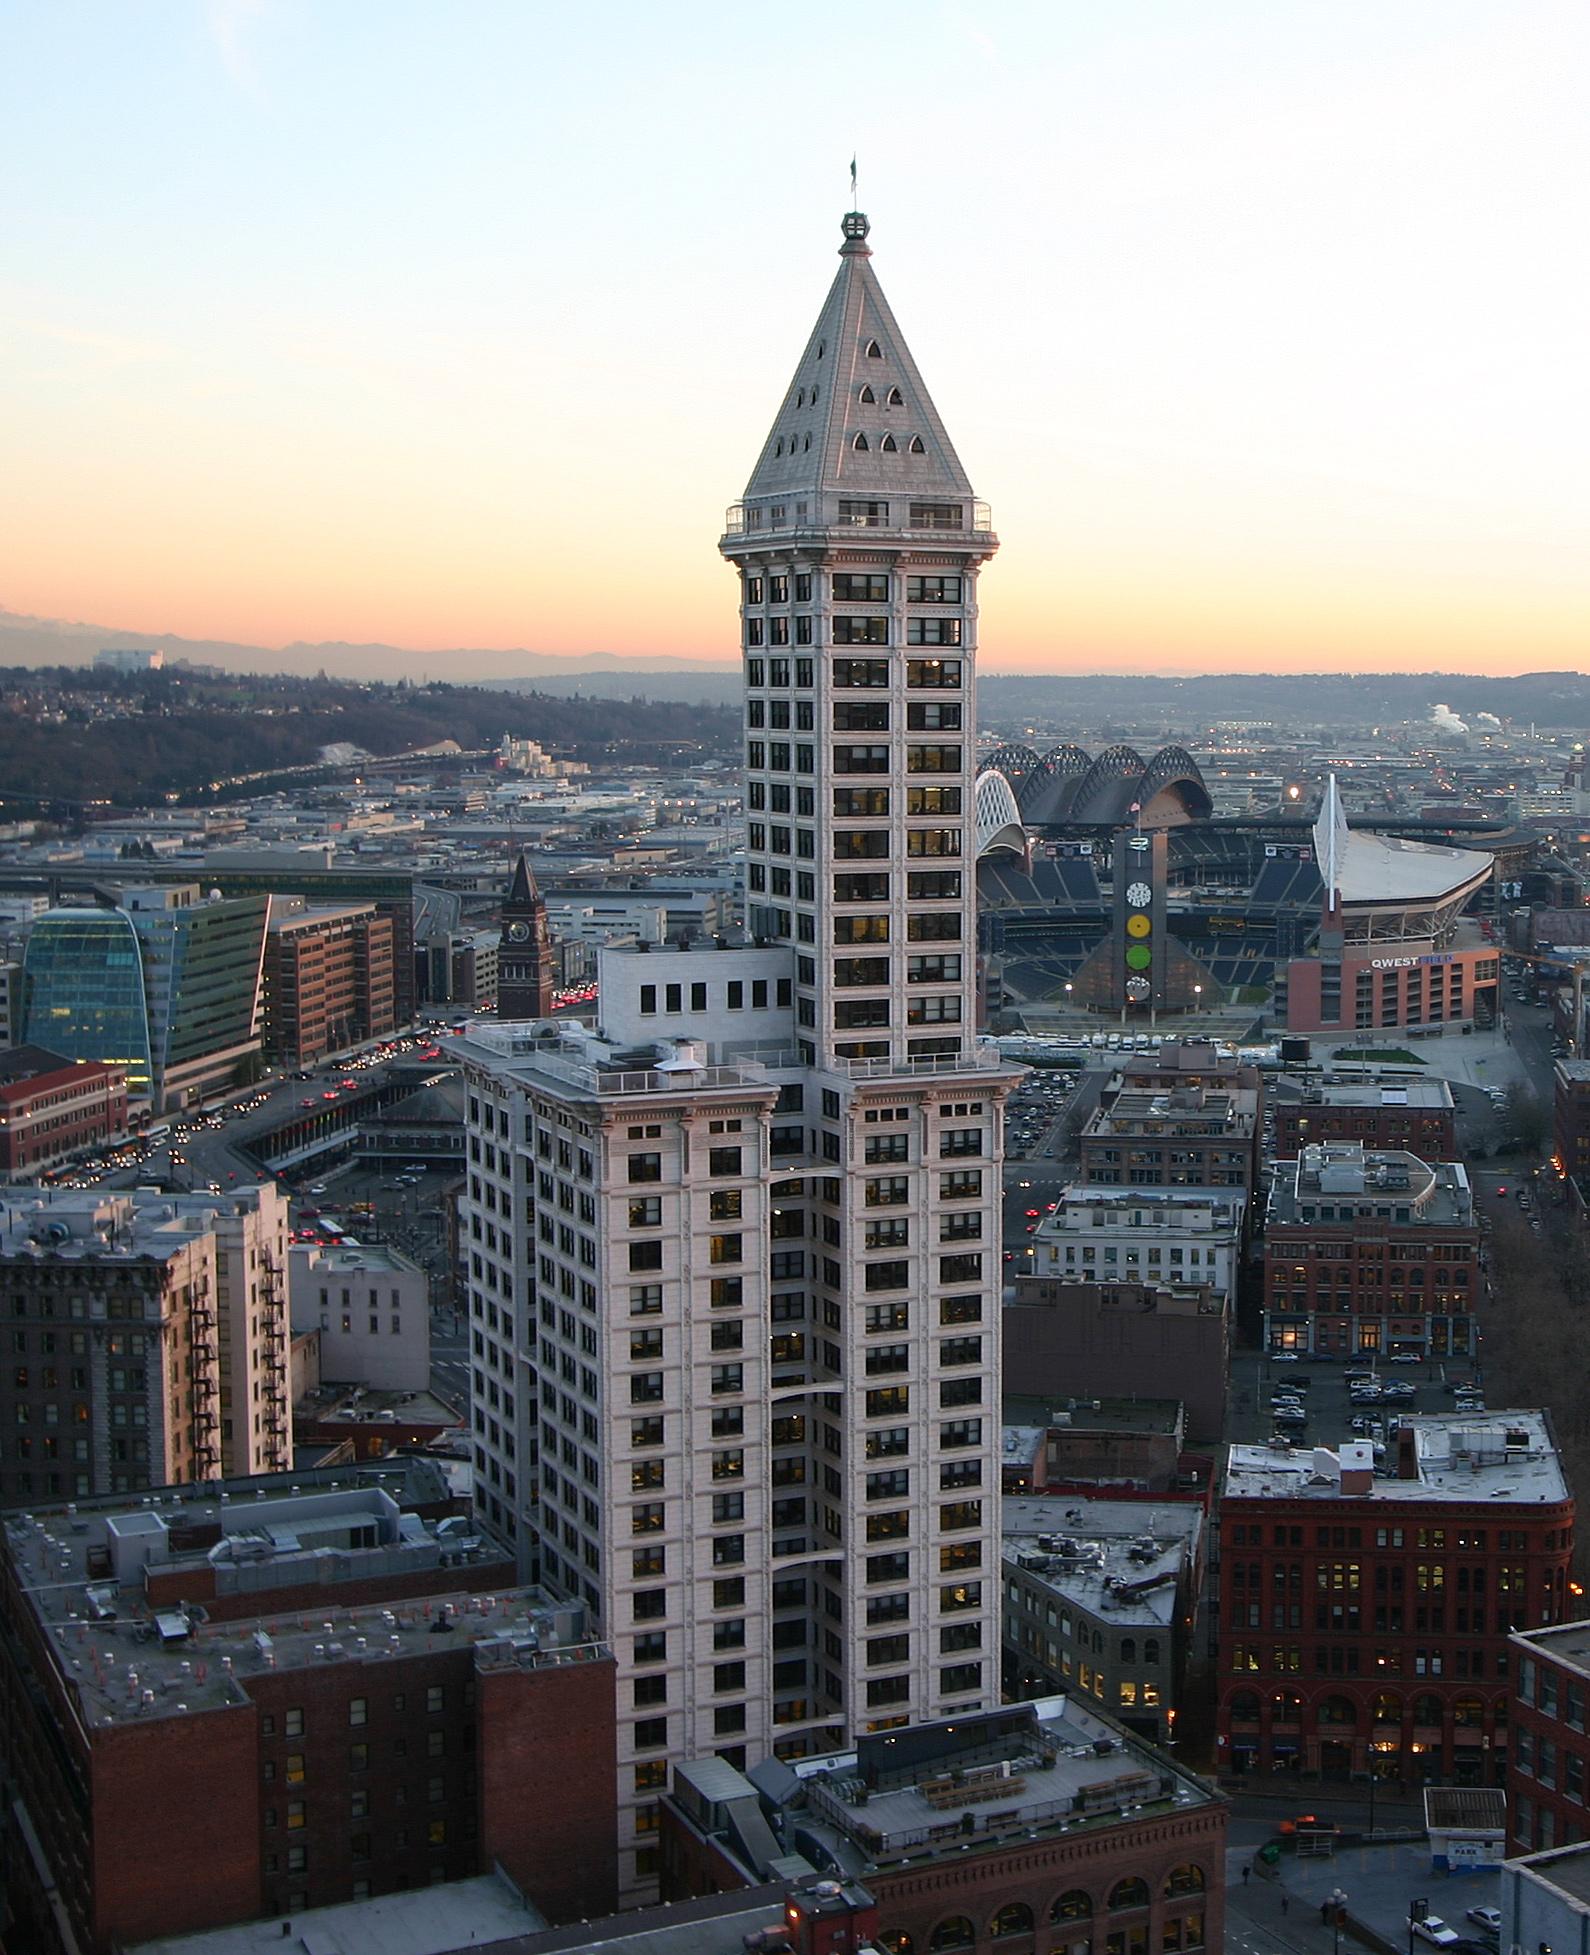 SmithTower Seattle WA USA2.jpg